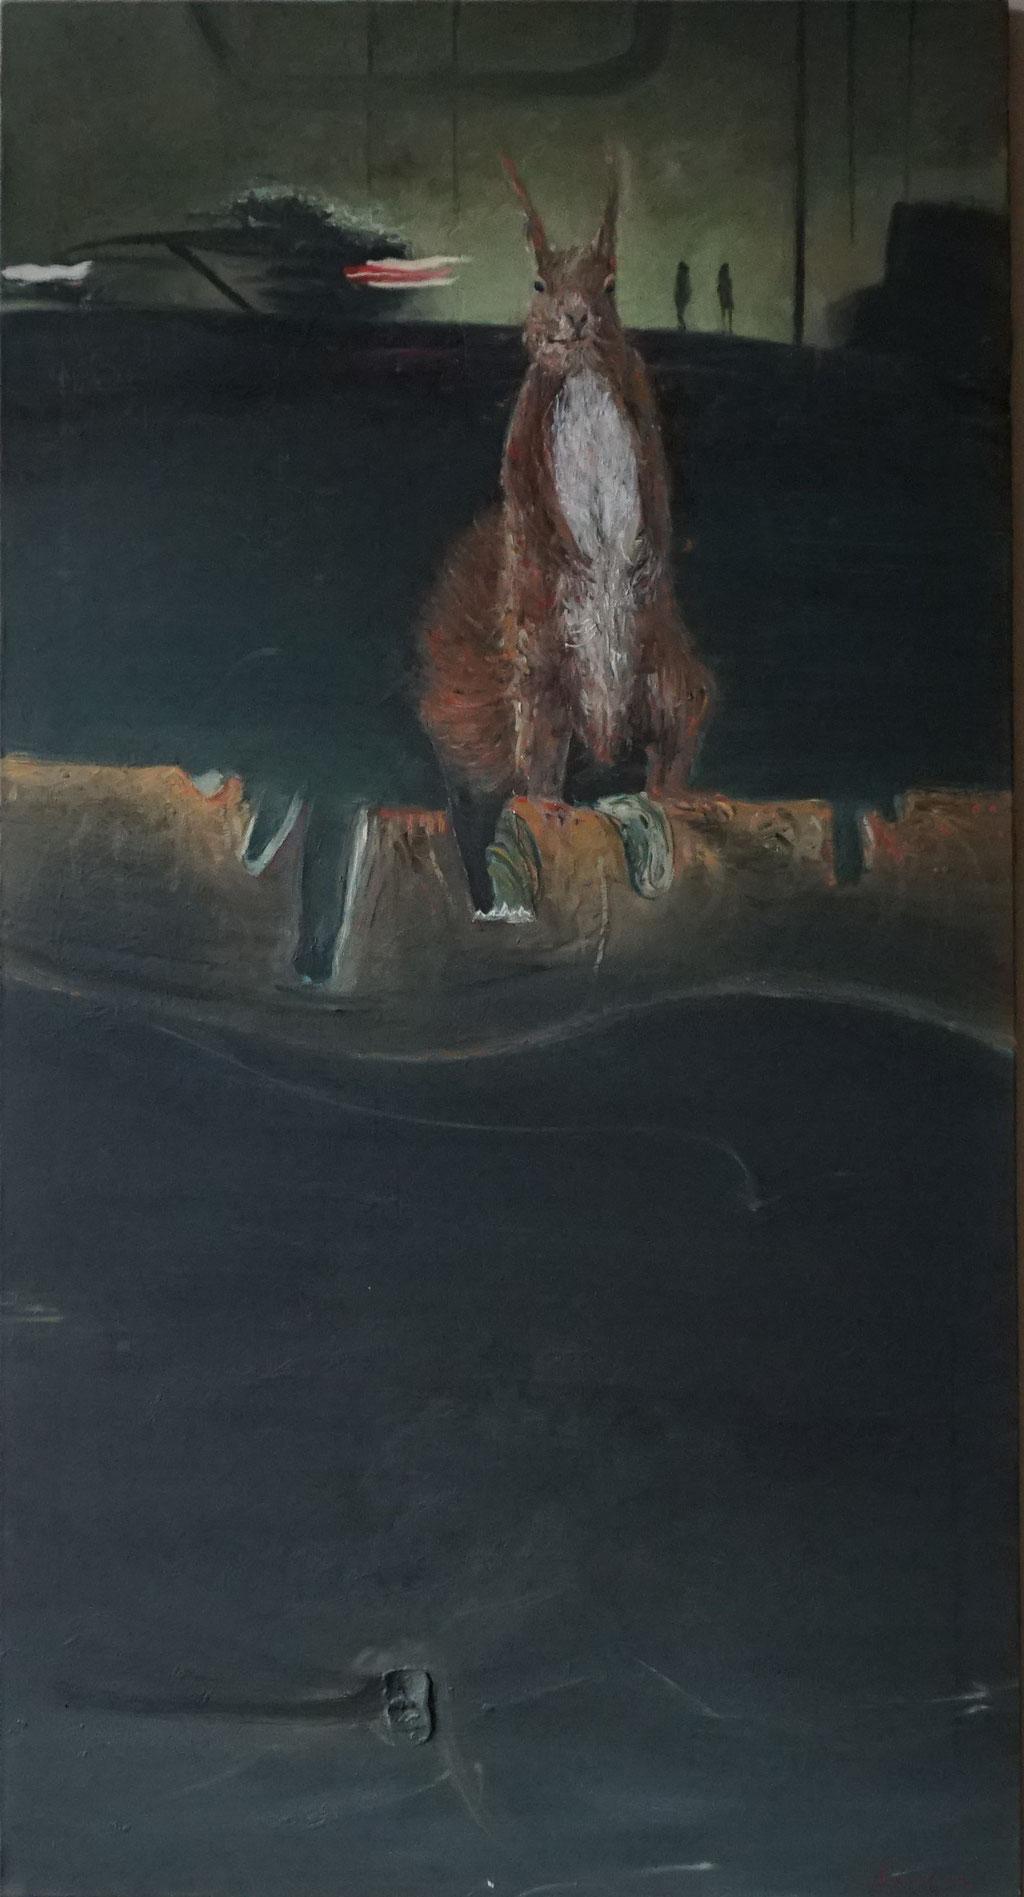 G036 - Öl auf Leinwand, 140 x 75 cm.